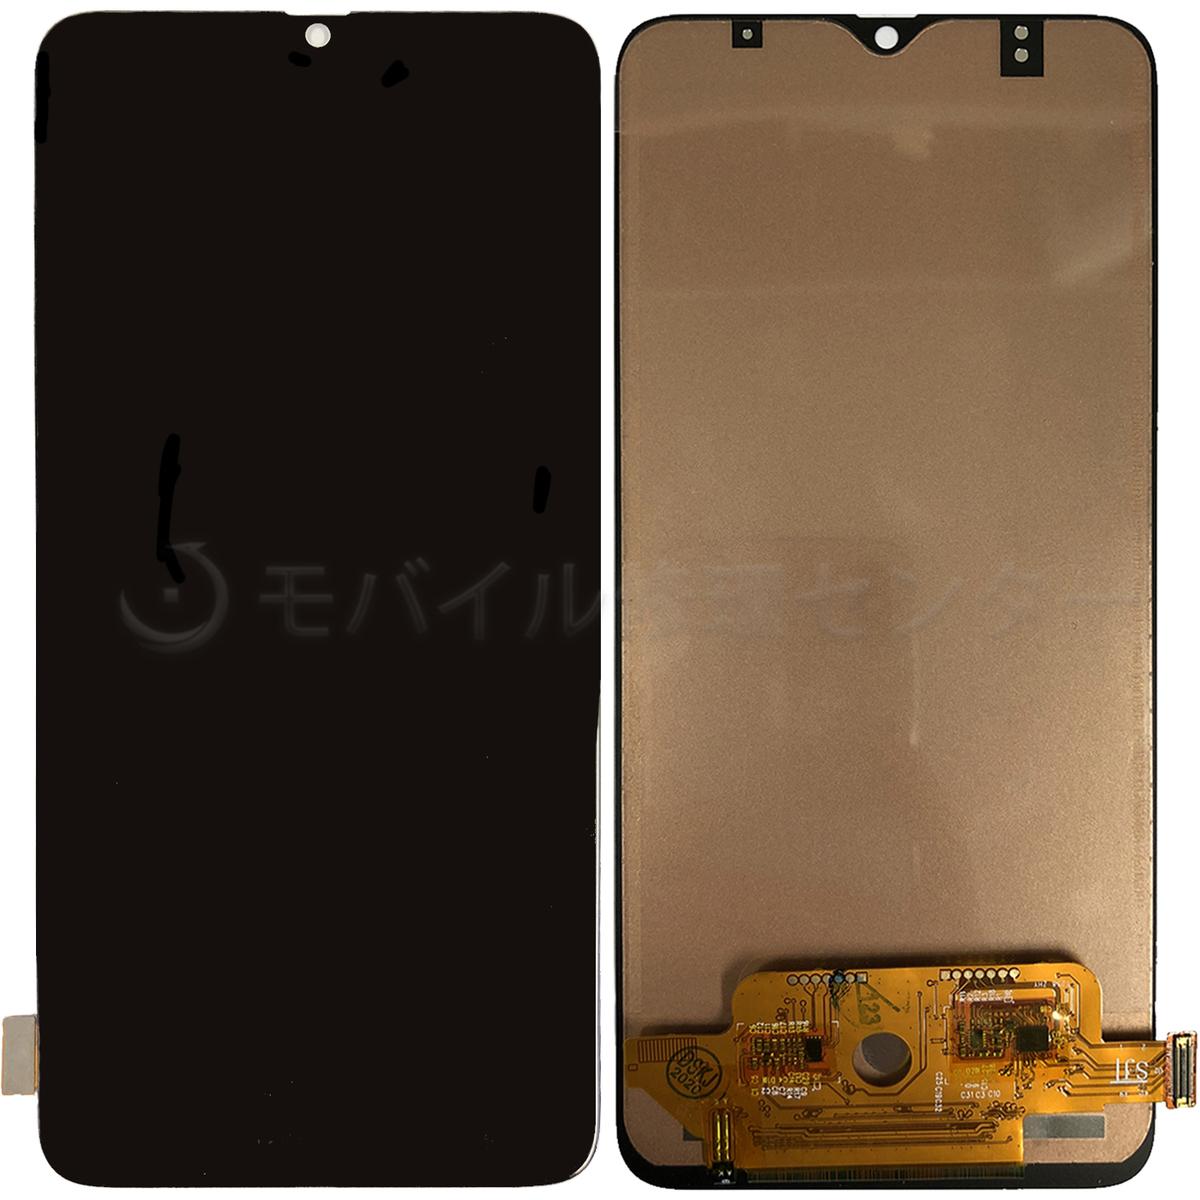 SAMSUNG Galaxy A70を修理したいときにどうぞ A70 パネル ギャラクシーA70パネル フロントパネル ガラスパネル 色:ブラック 液晶パネル 交換パネル 限定特価 定価の67%OFF デジタイザー